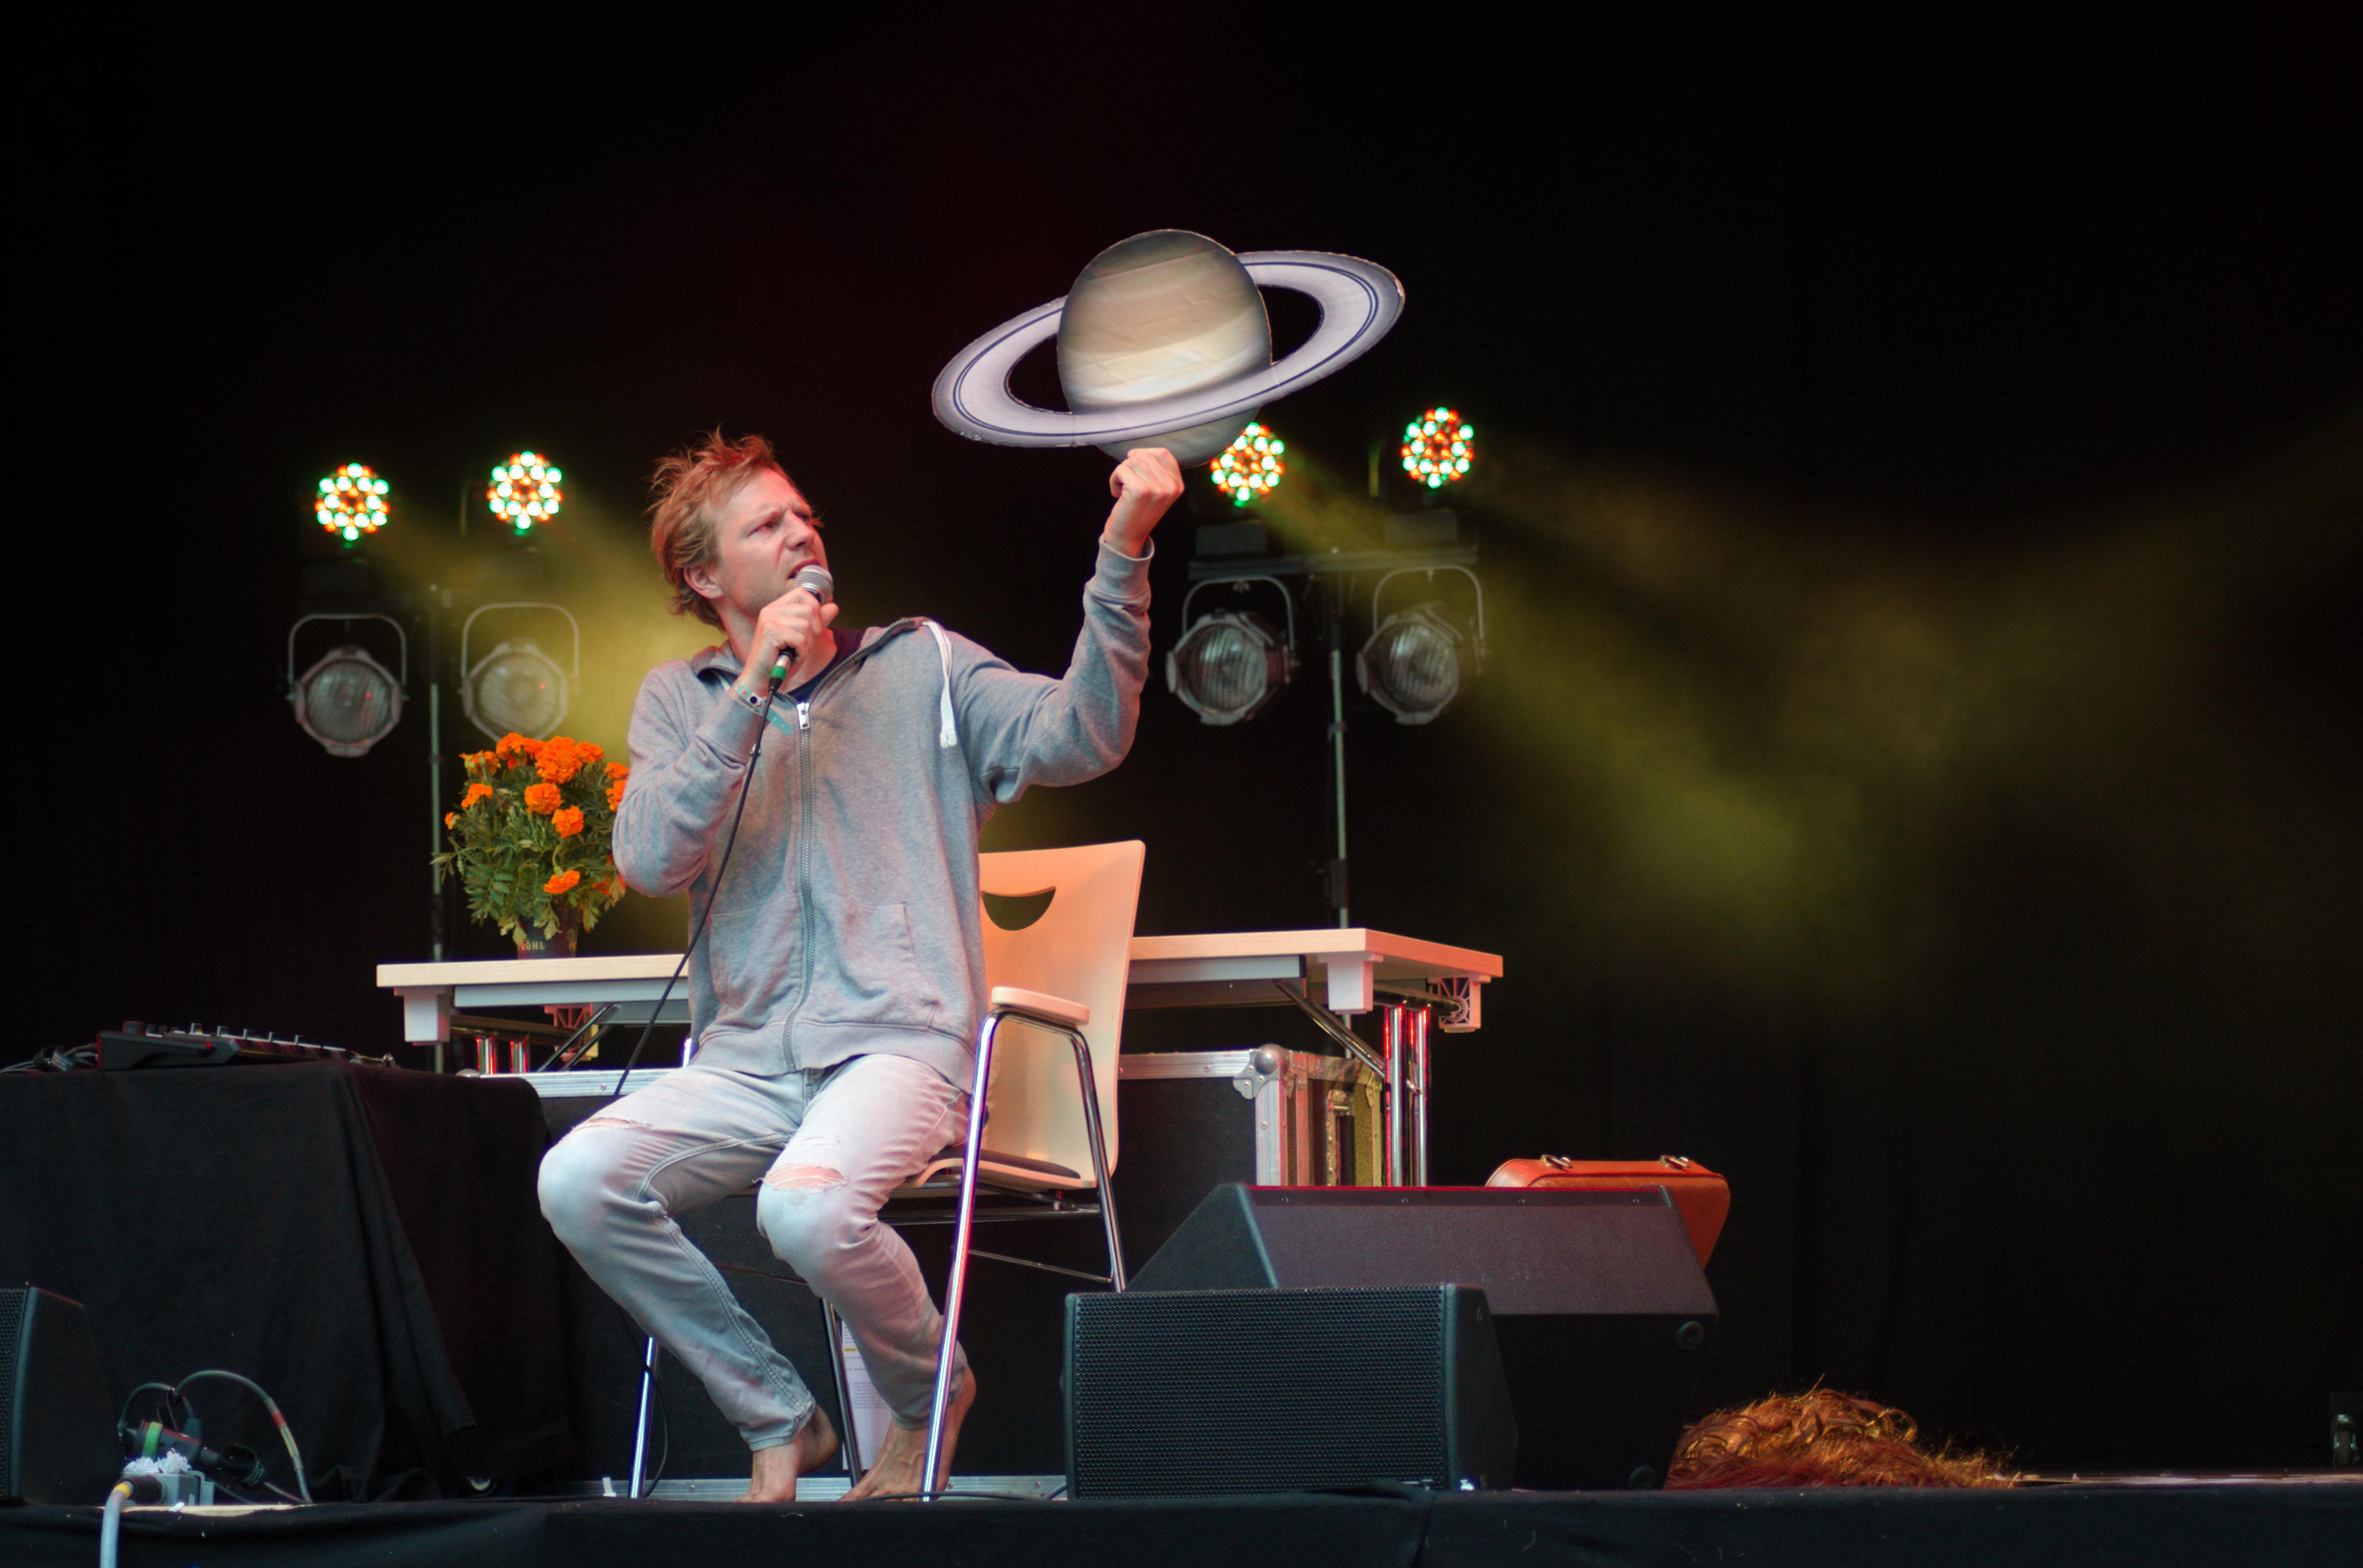 Zuckerkick beim A Summer's Tale Konzert Bummelkasten